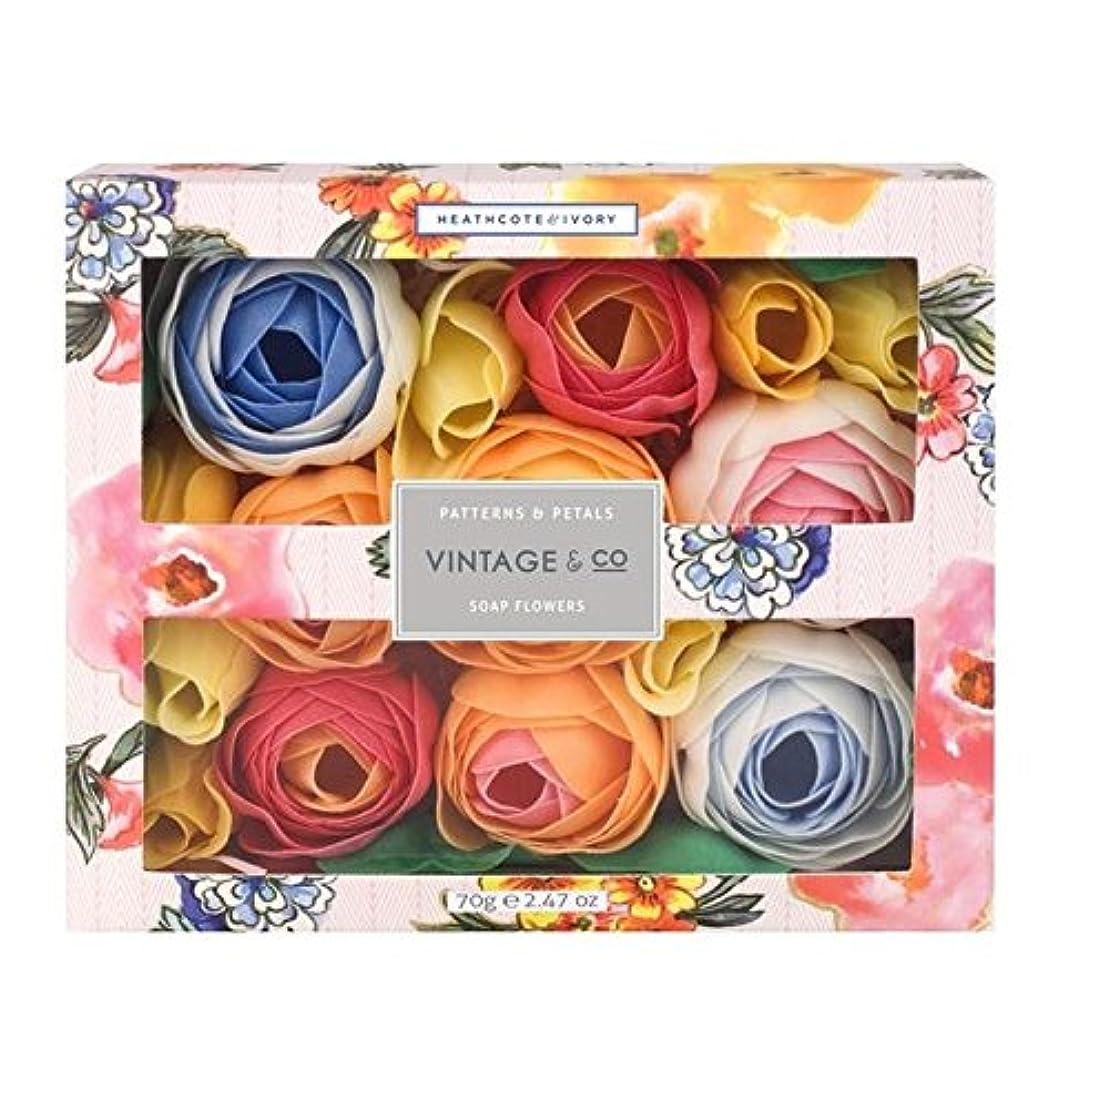 用語集再びが欲しいヒースコート&アイボリーパターン&花びら石鹸の花70グラム x4 - Heathcote & Ivory Patterns & Petals Soap Flowers 70g (Pack of 4) [並行輸入品]